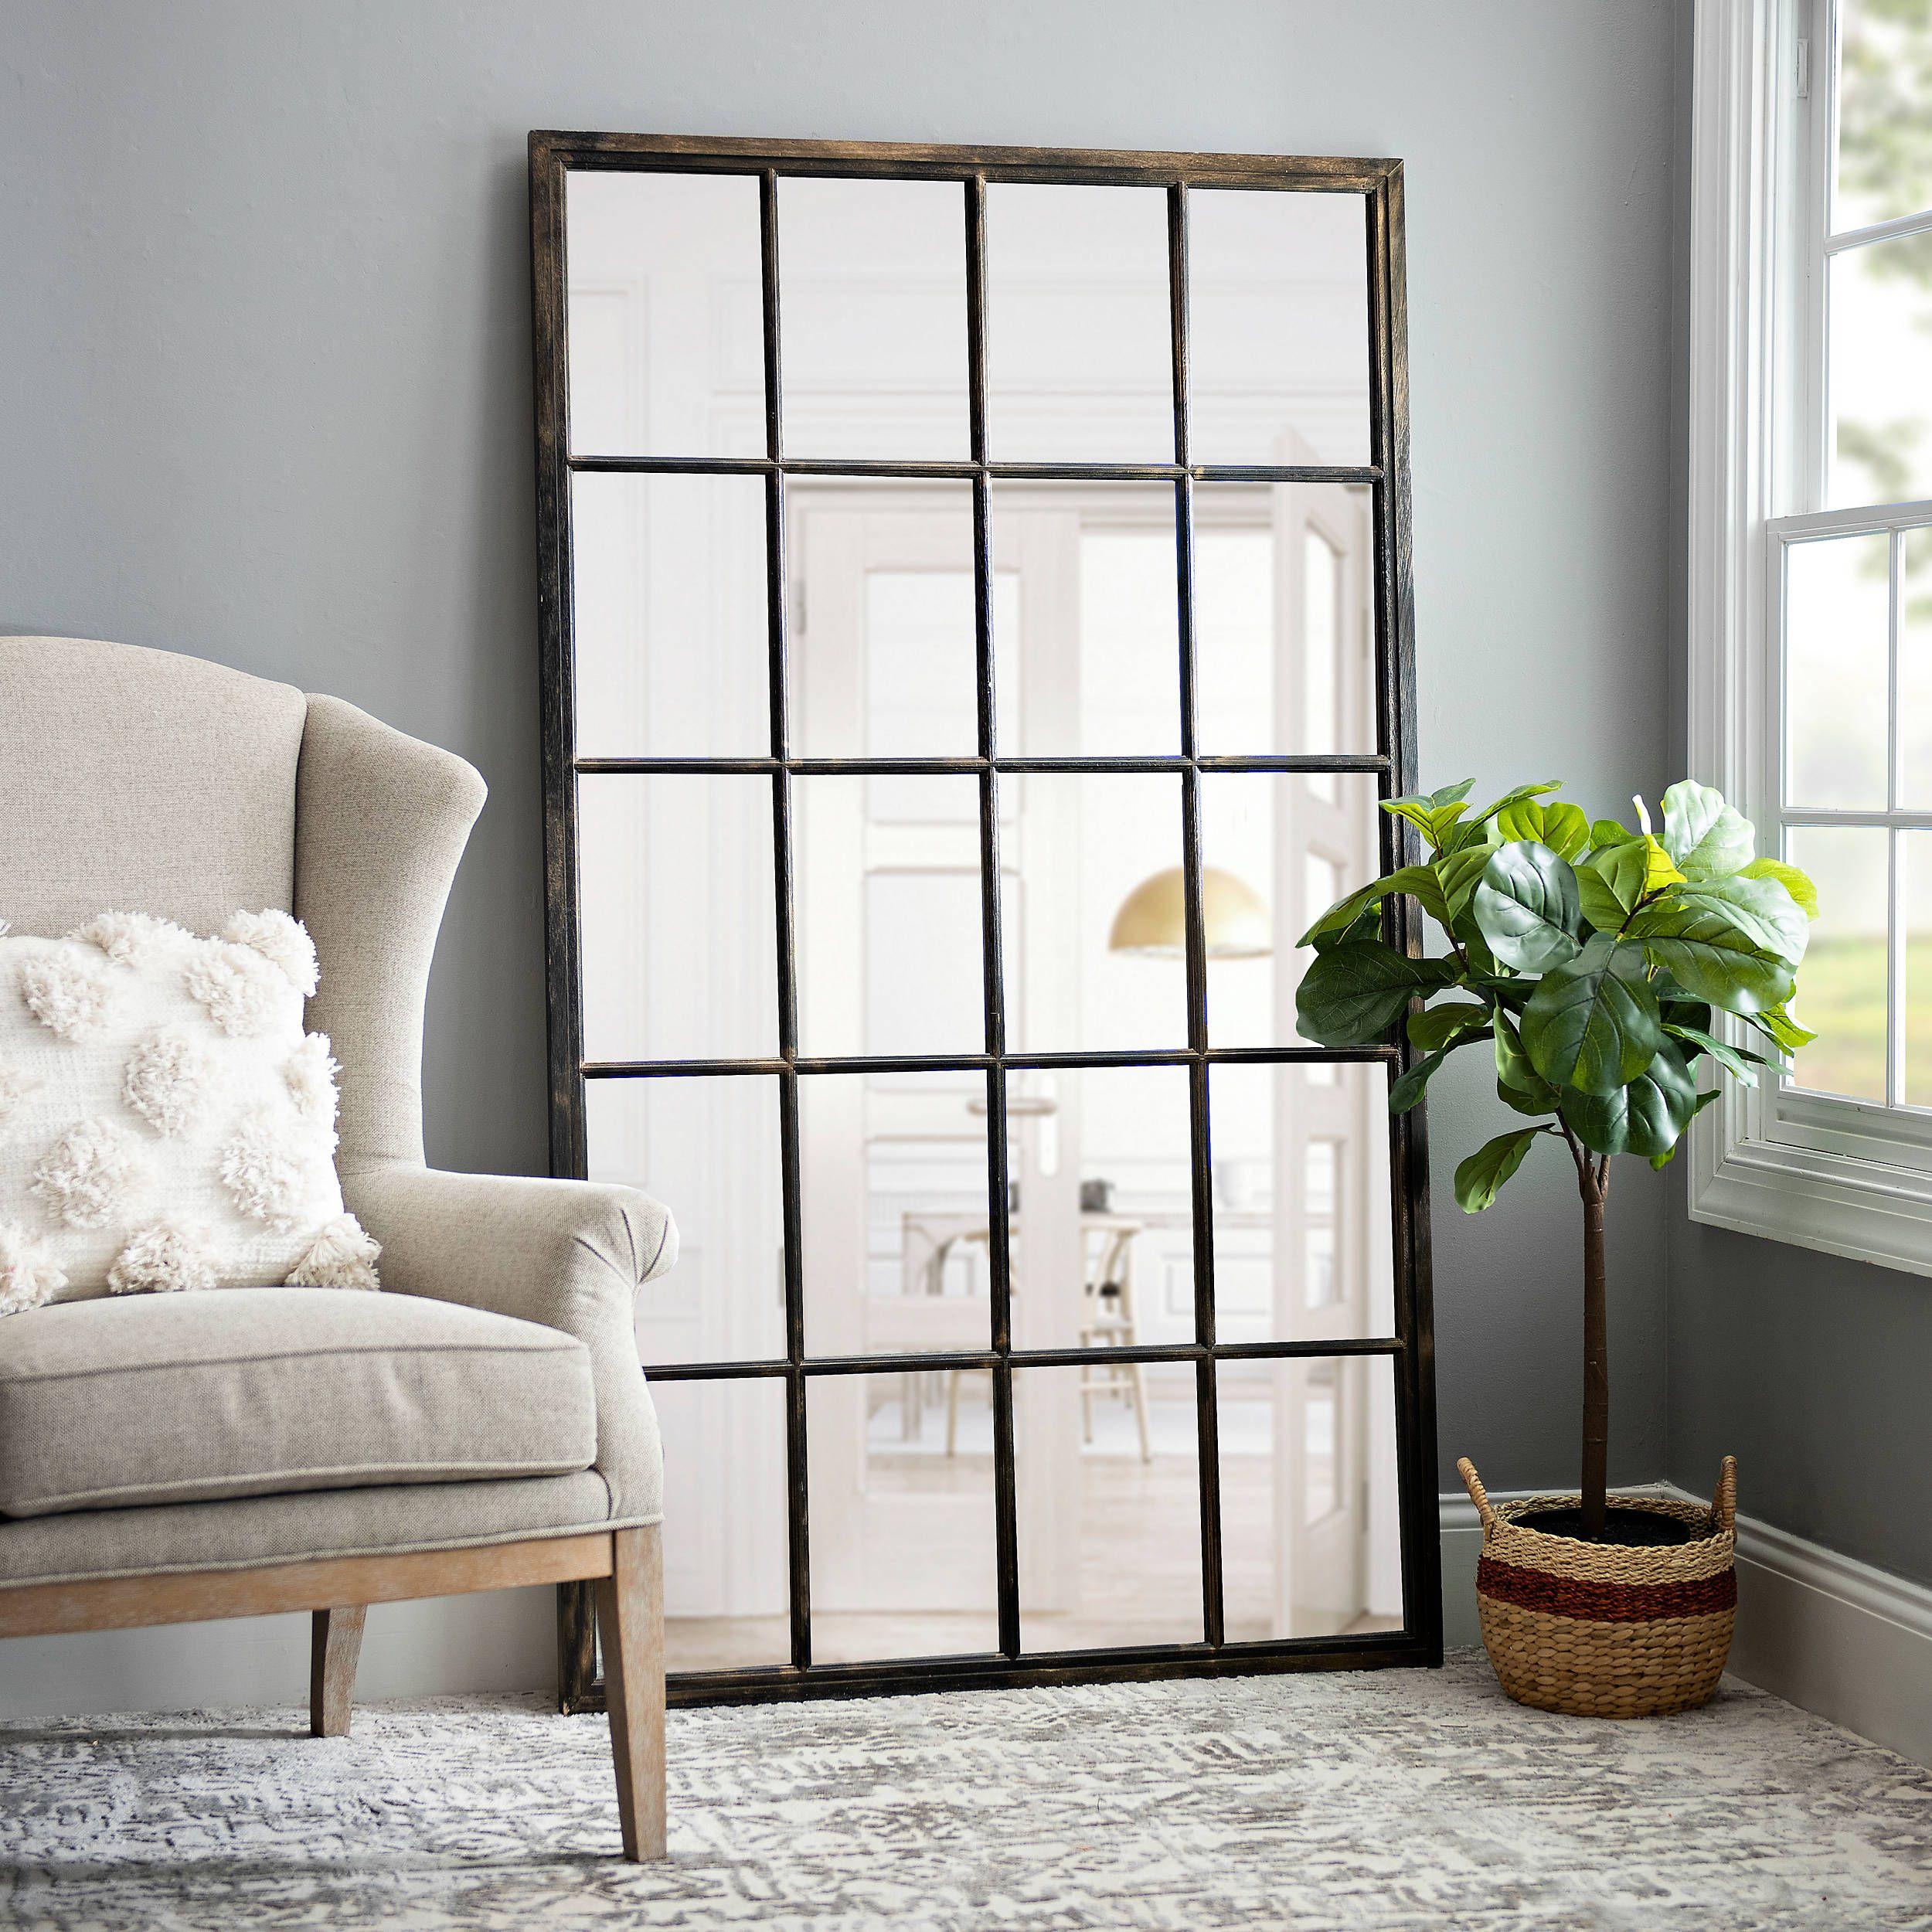 Wooden 20-Pane Leaner Mirror, 40x67 in. | Kirklands in ... on Floor Mirrors Decorative Kirklands id=71040